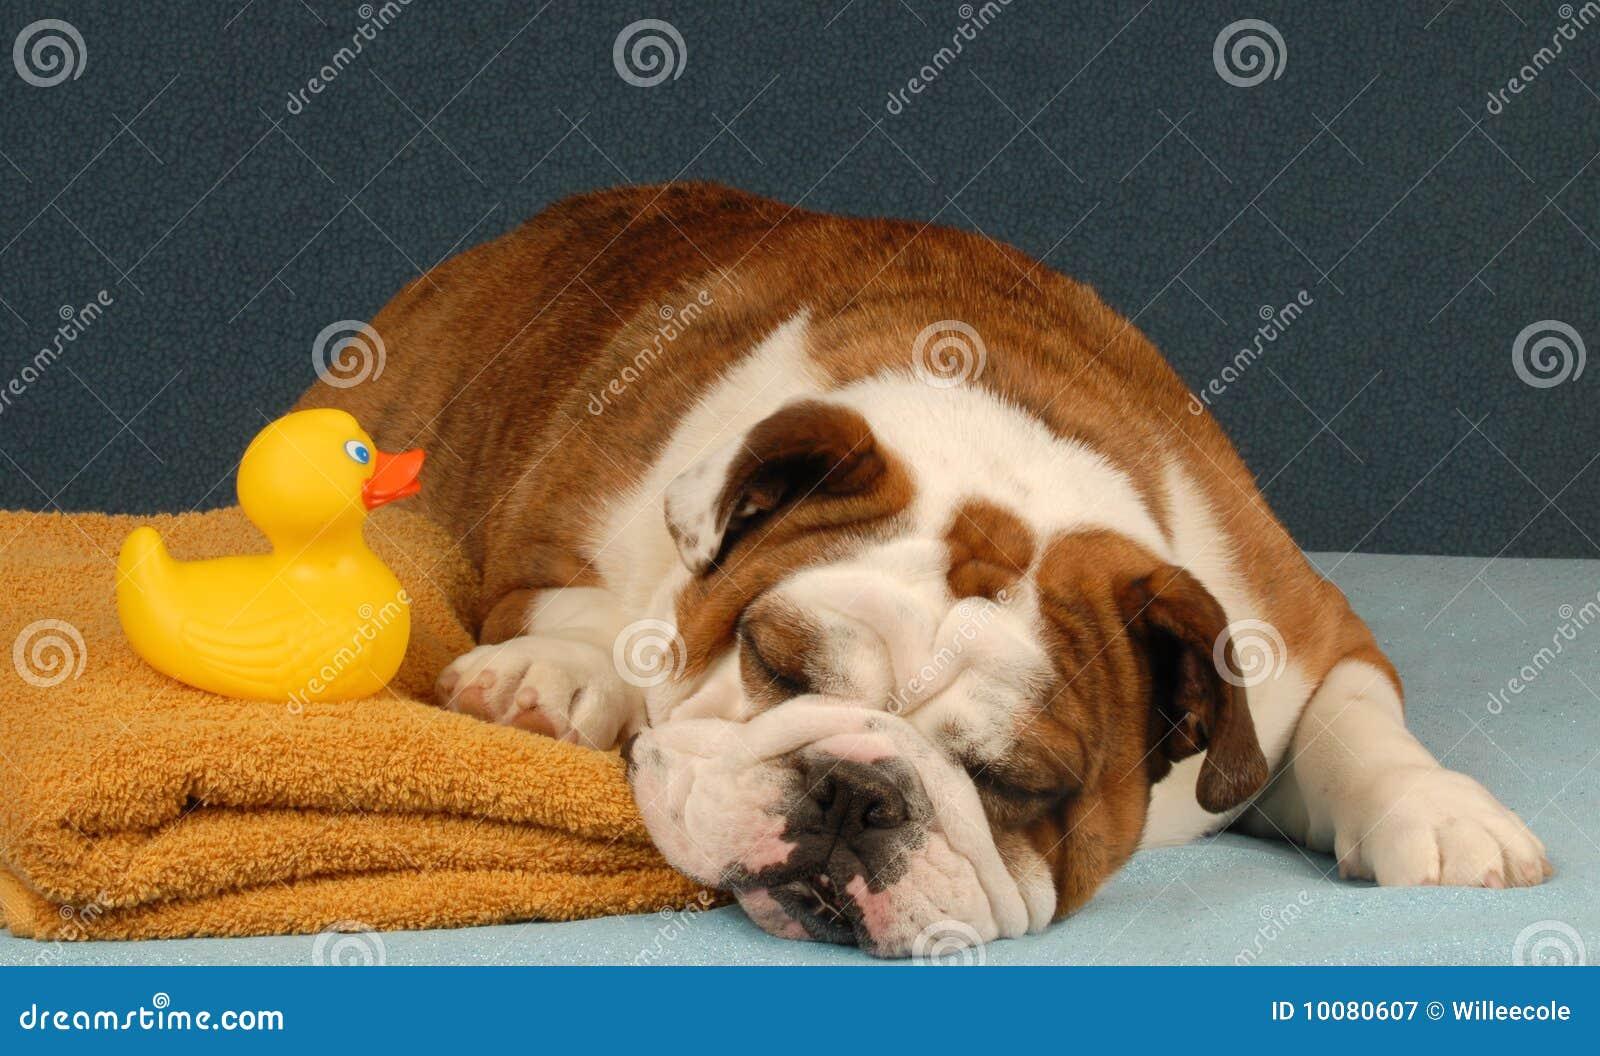 Imagenes De Tomar Un Baño: de archivo libre de regalías: Perro listo para tomar un baño